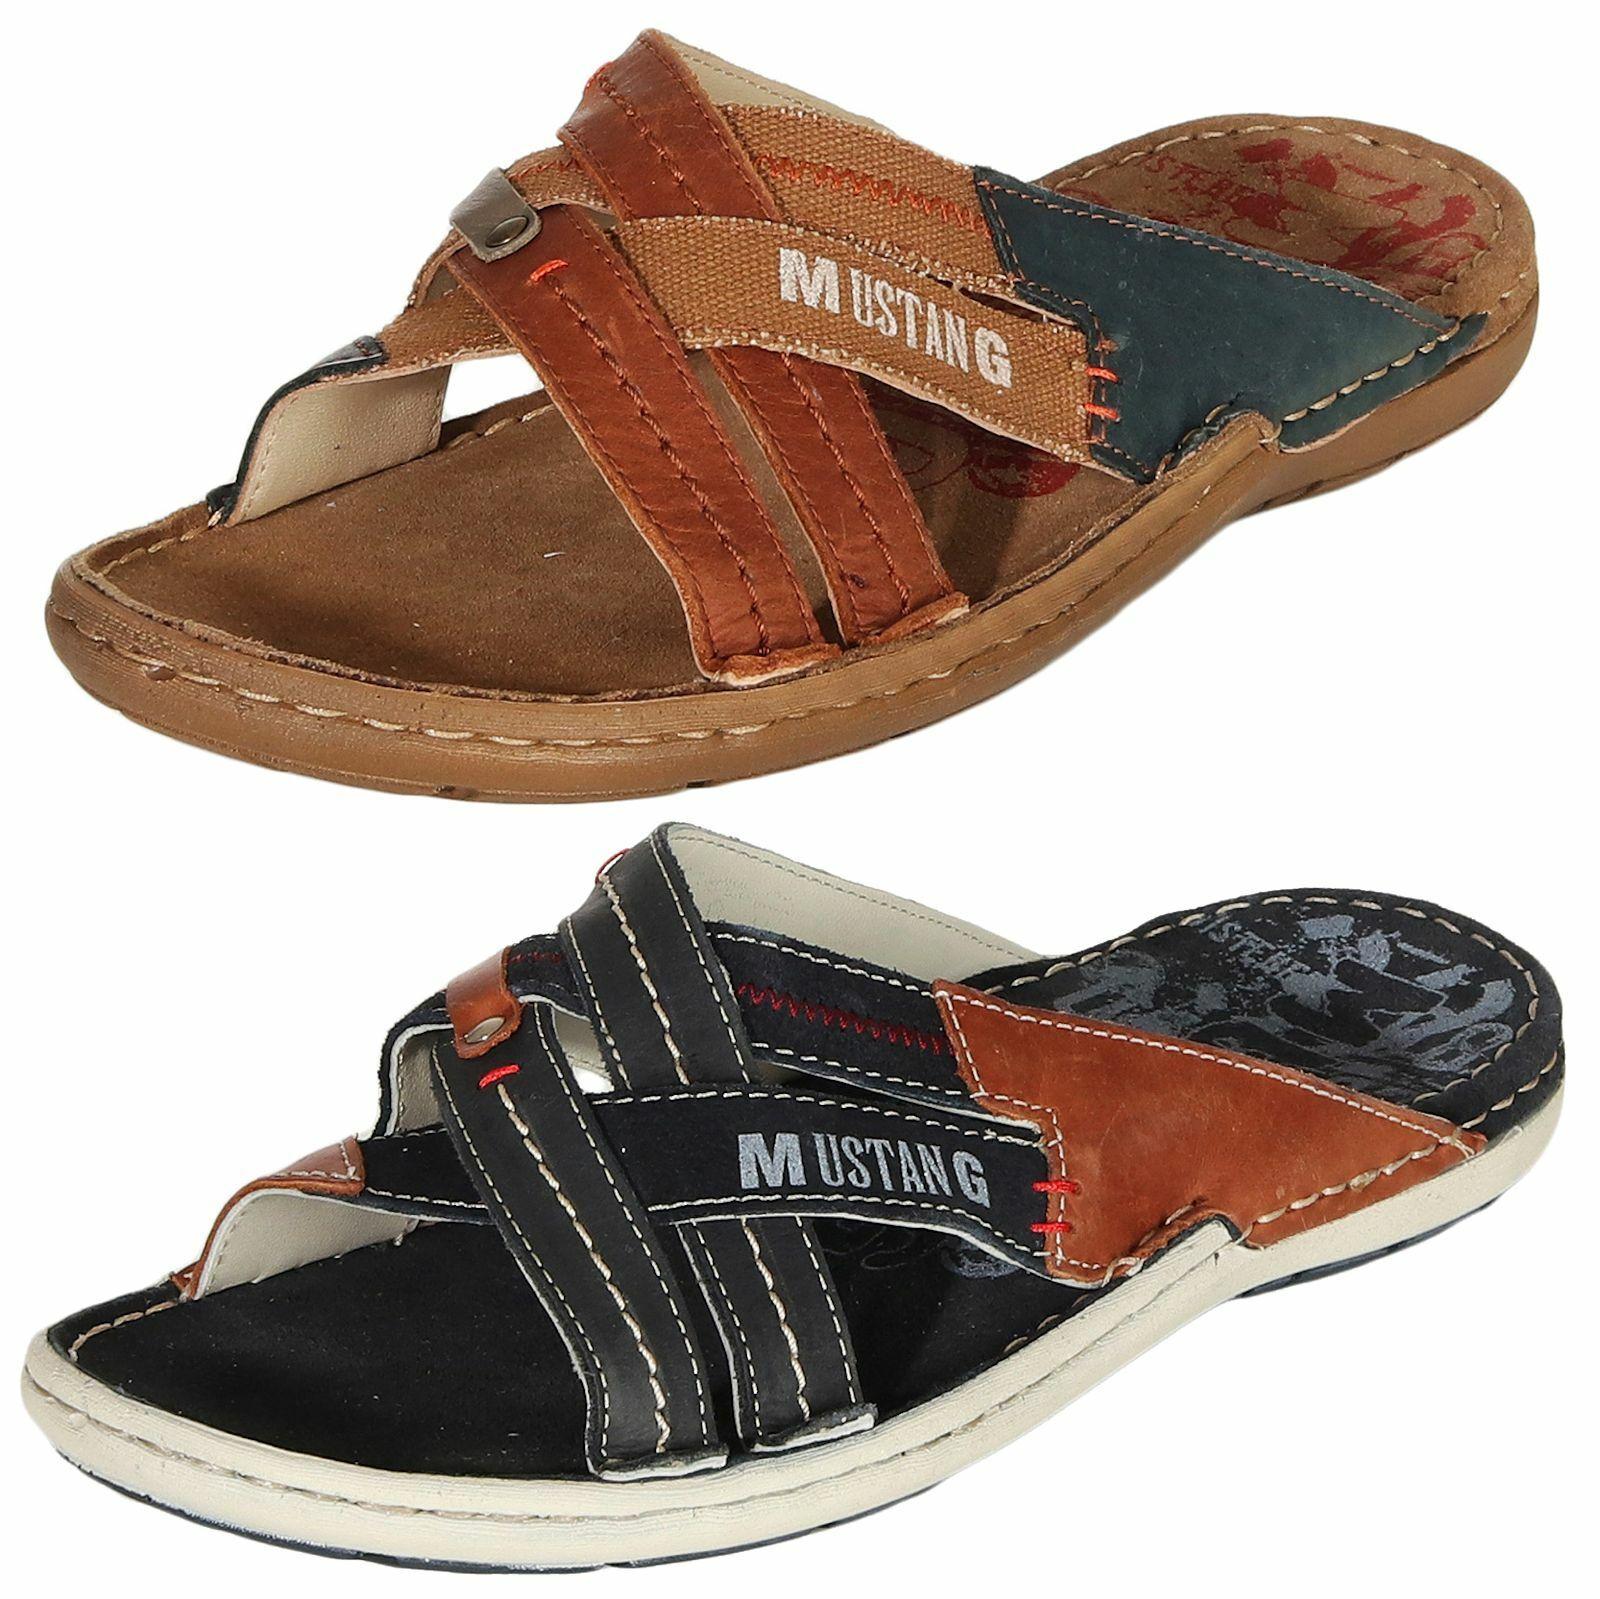 erstaunliche colorways Leder Pantoletten Sommerschuhe Schuhe